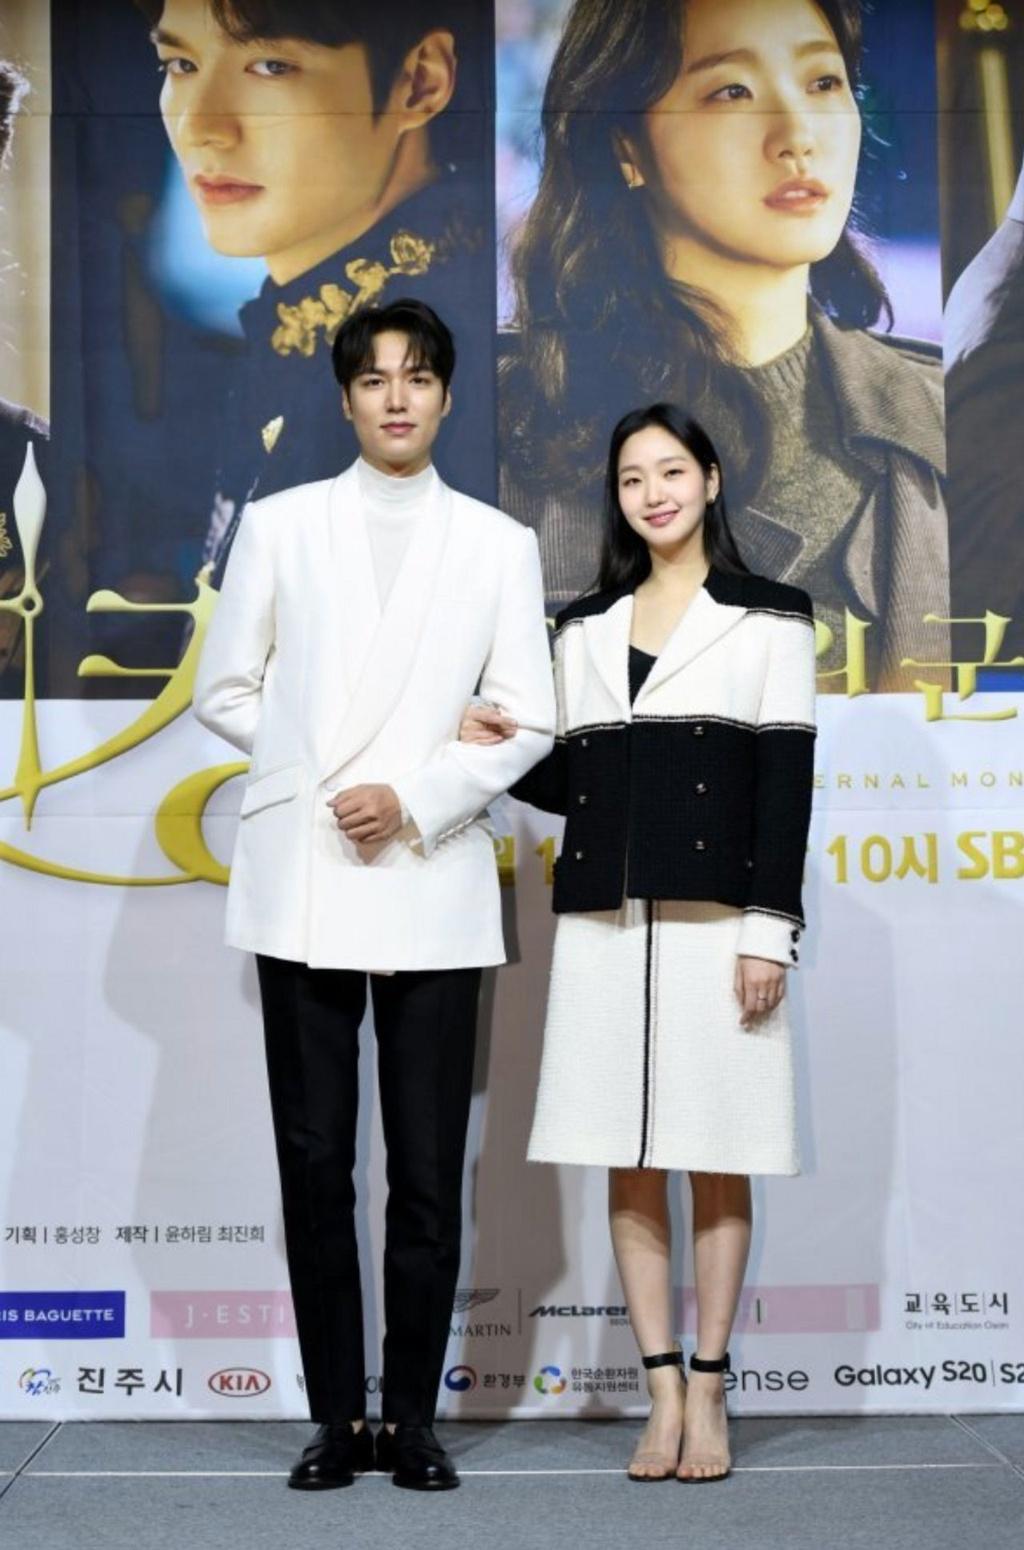 Lee Min Ho và những sao nam có chiều cao trên 1,85 m của showbiz Hàn - Ảnh 11